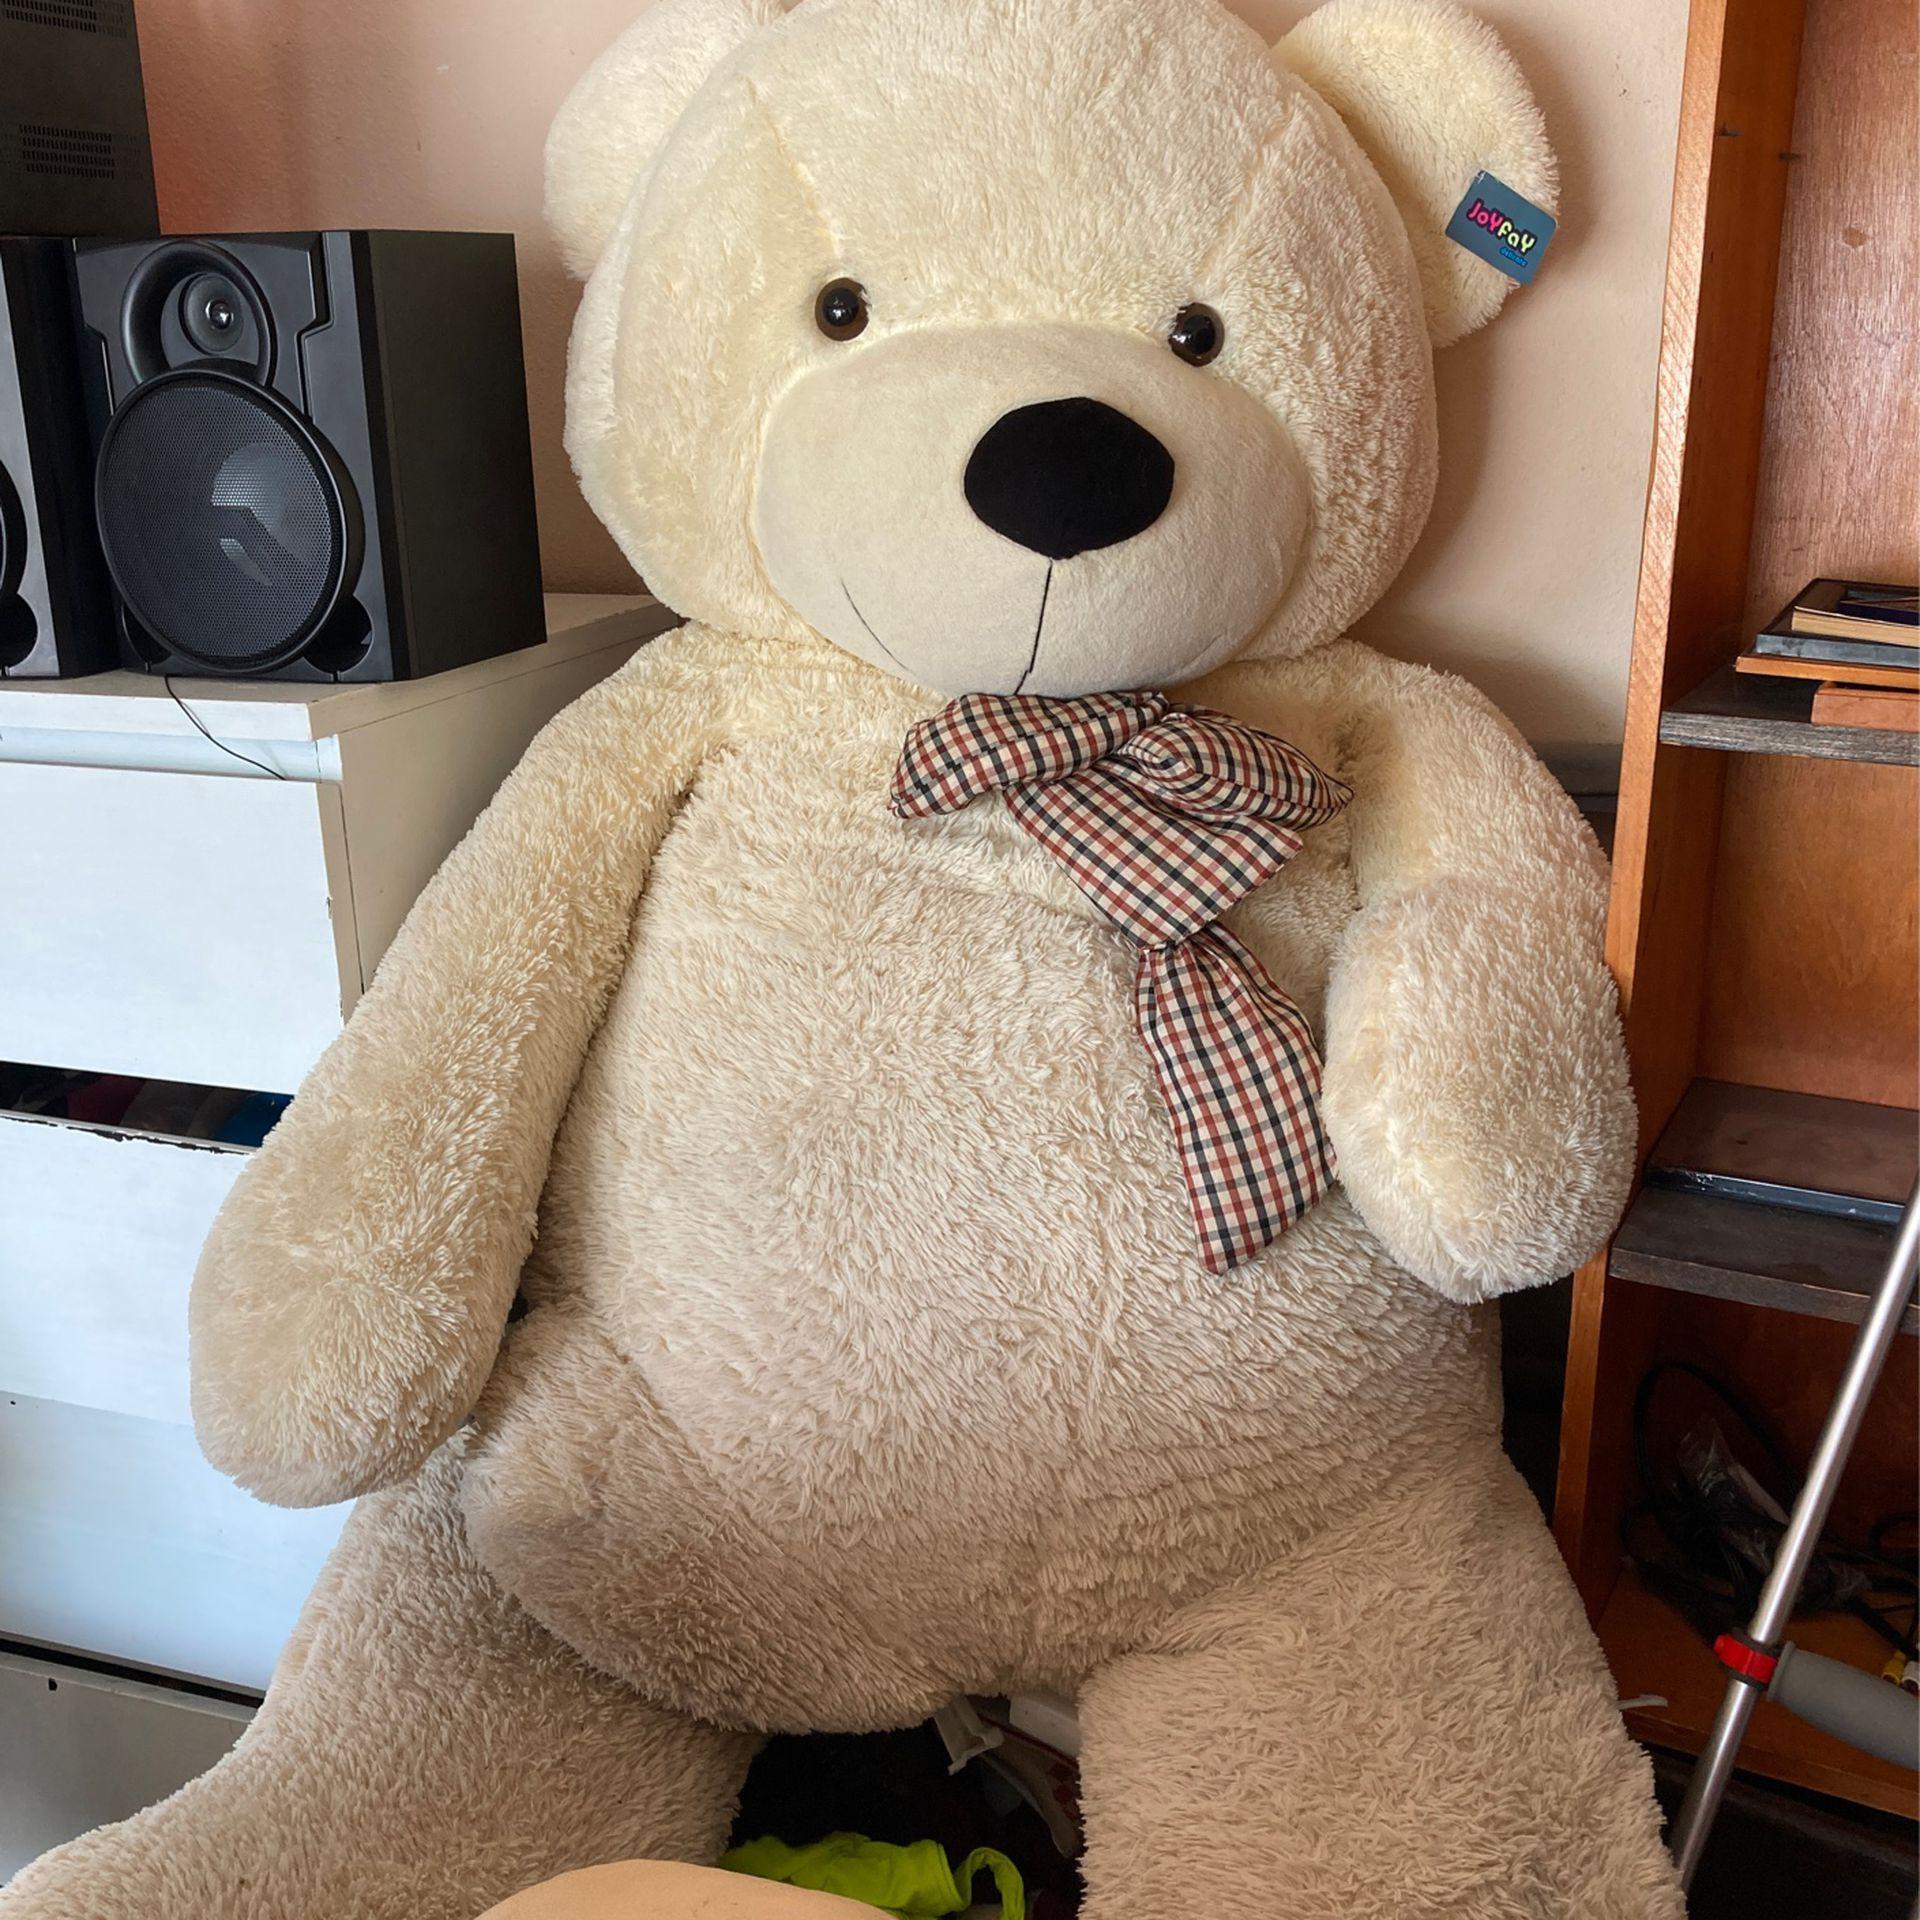 GIANT TEDDY BEAR !!